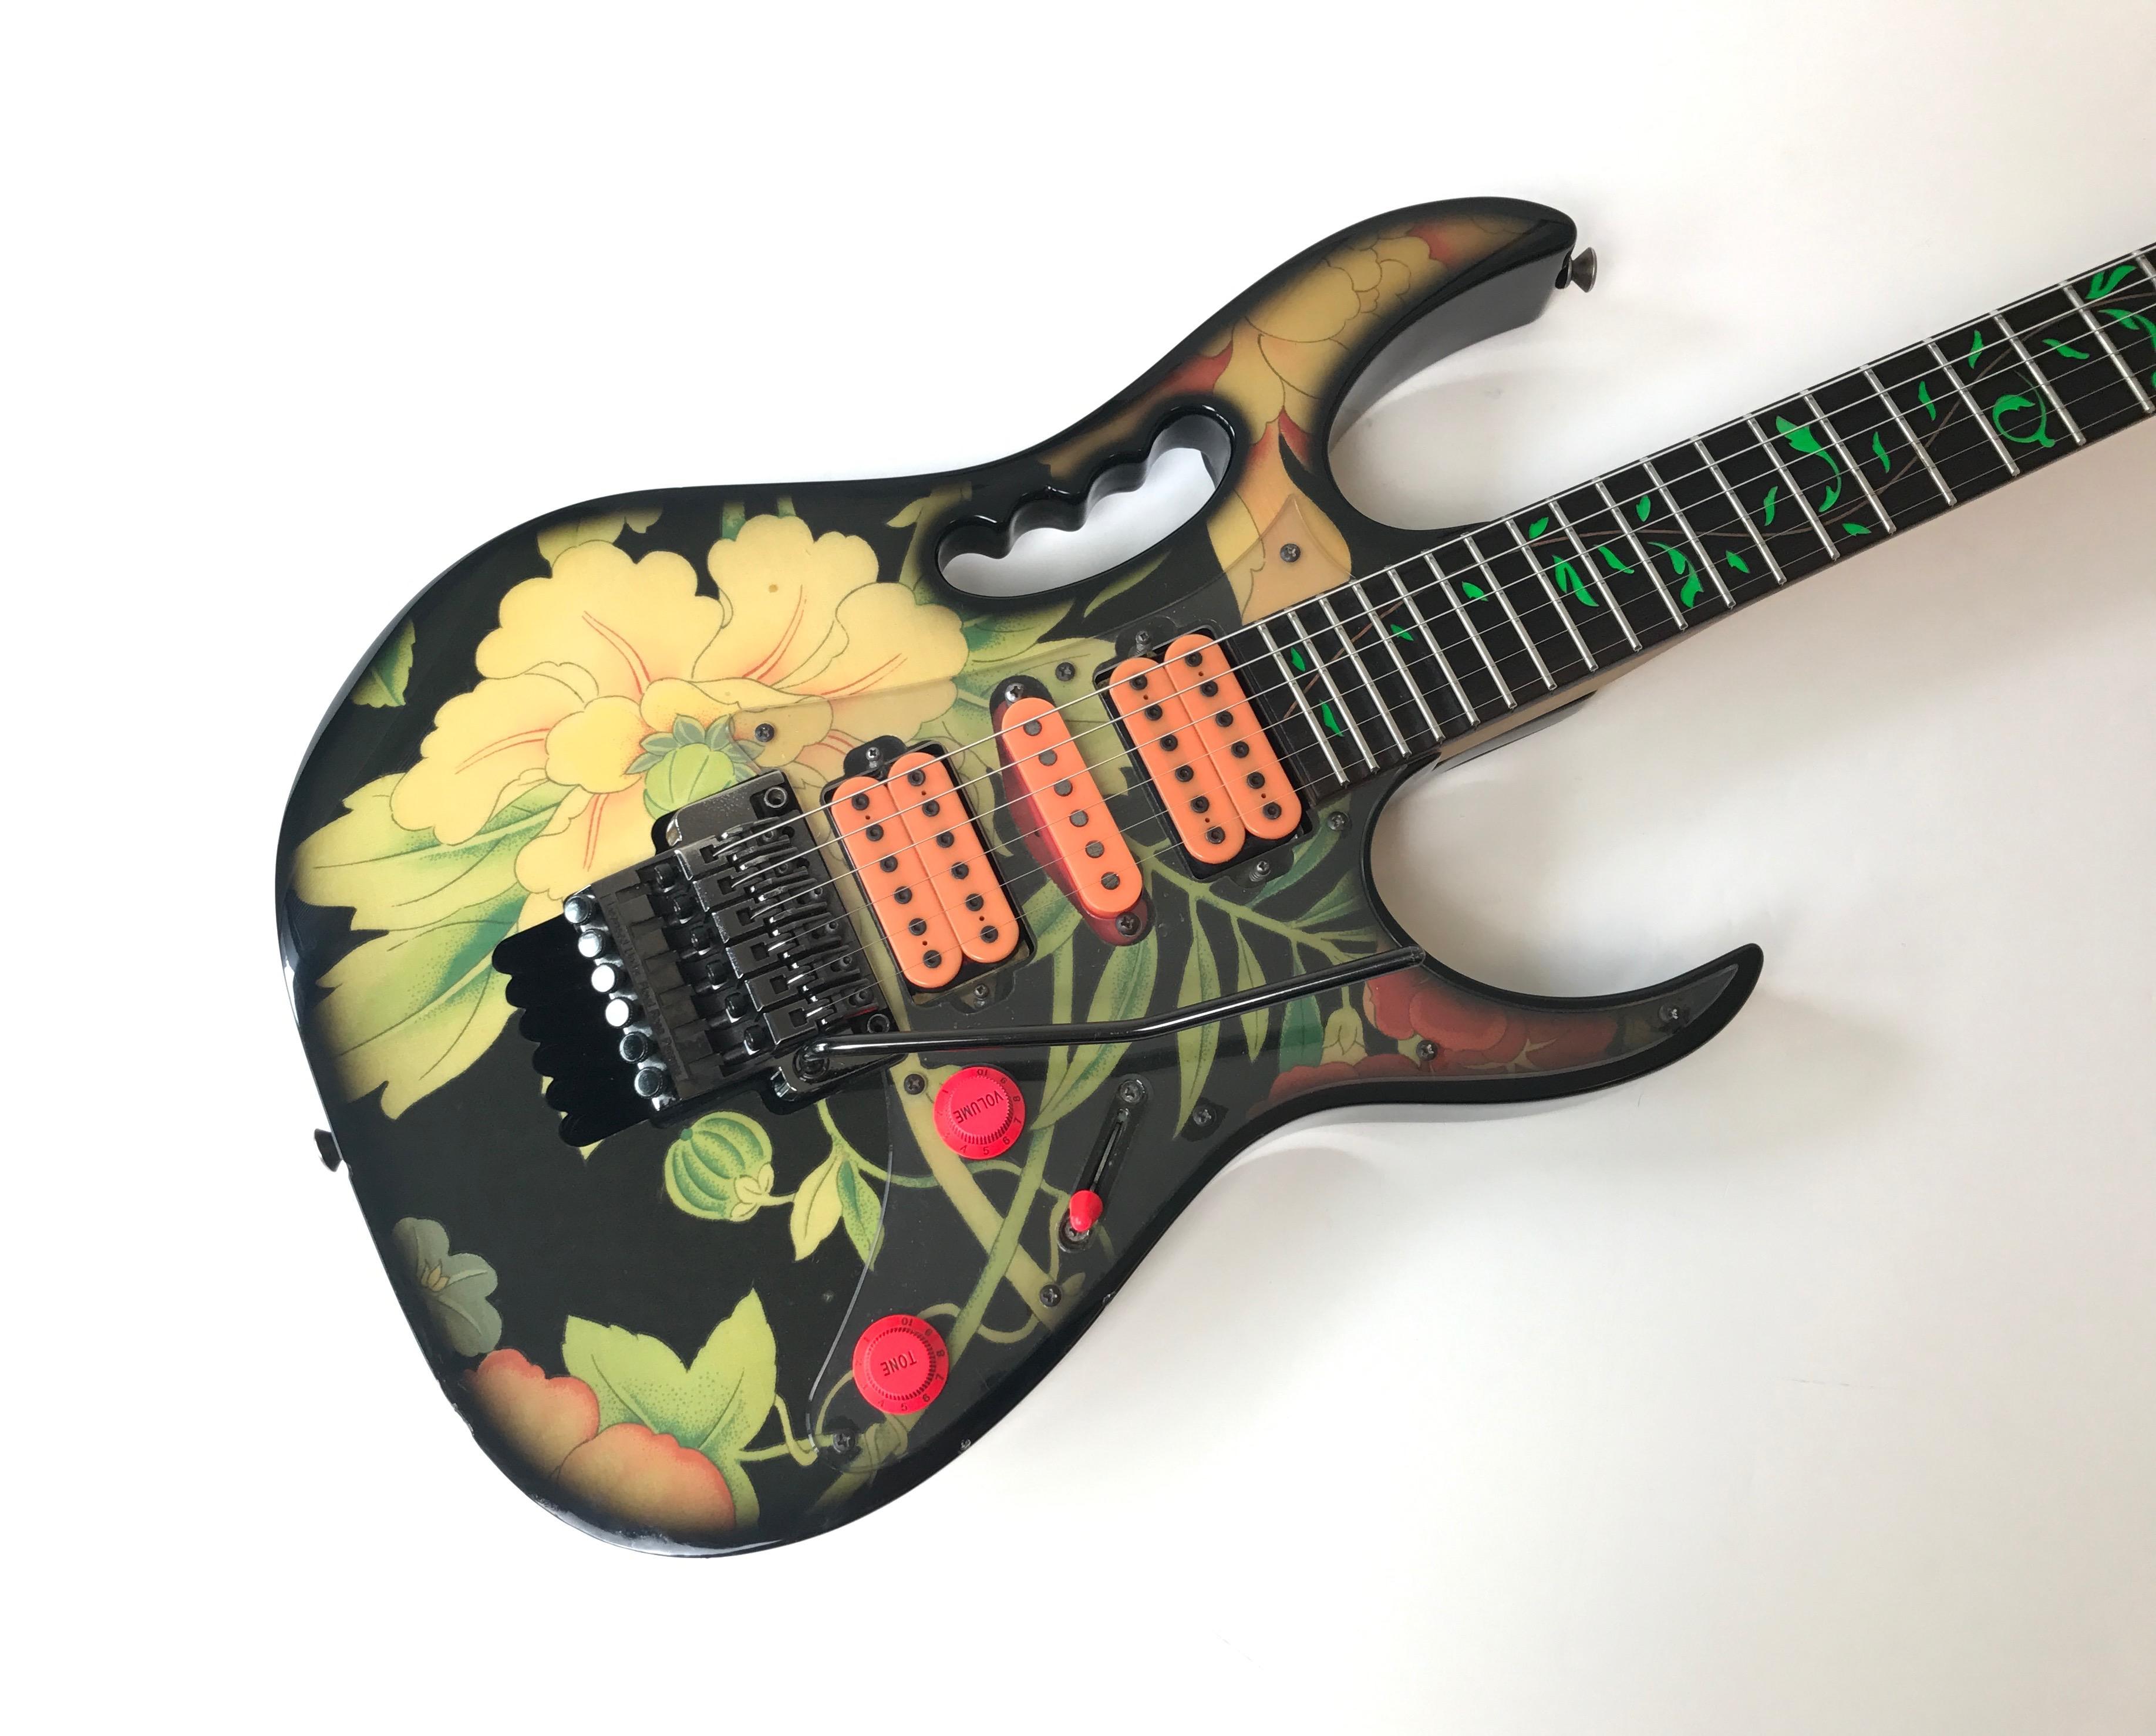 ibanez jem 77 fp 1991 steve vai floral pattern ile de france audiofanzine. Black Bedroom Furniture Sets. Home Design Ideas